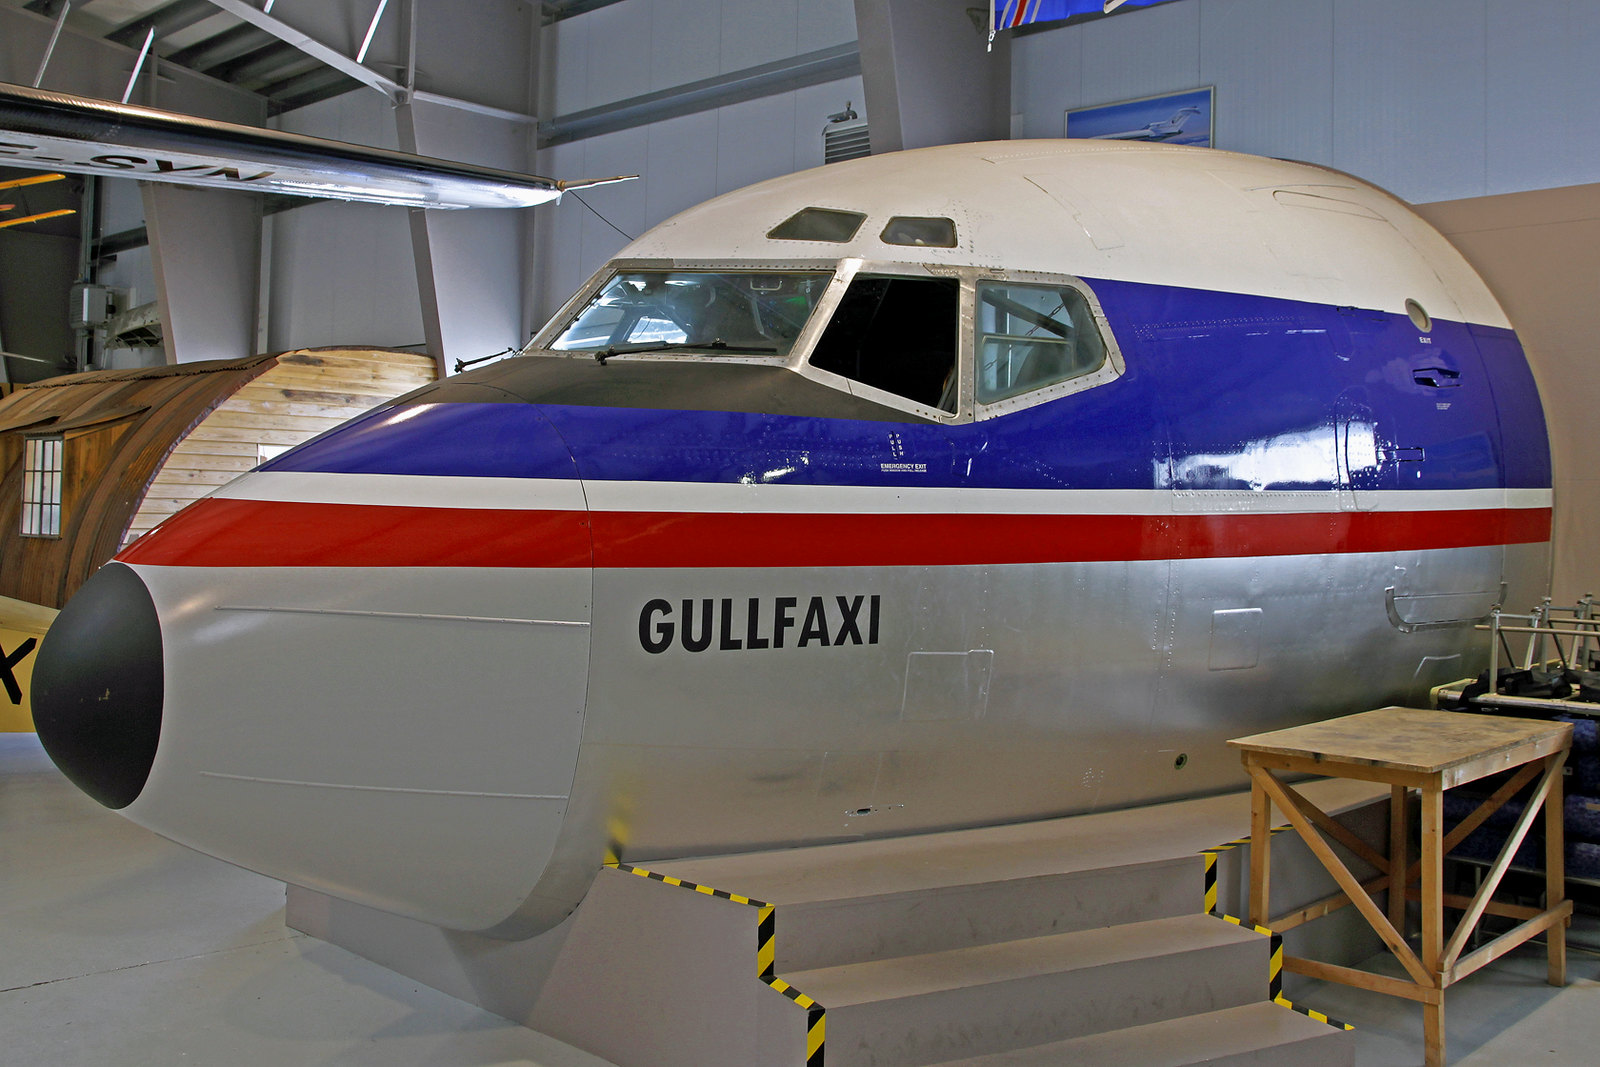 """Cockpitsektion der früheren Icelandair Boeing 727-108C TF-FIE """"Gullfaxi"""", AEY, 14. August 2020"""